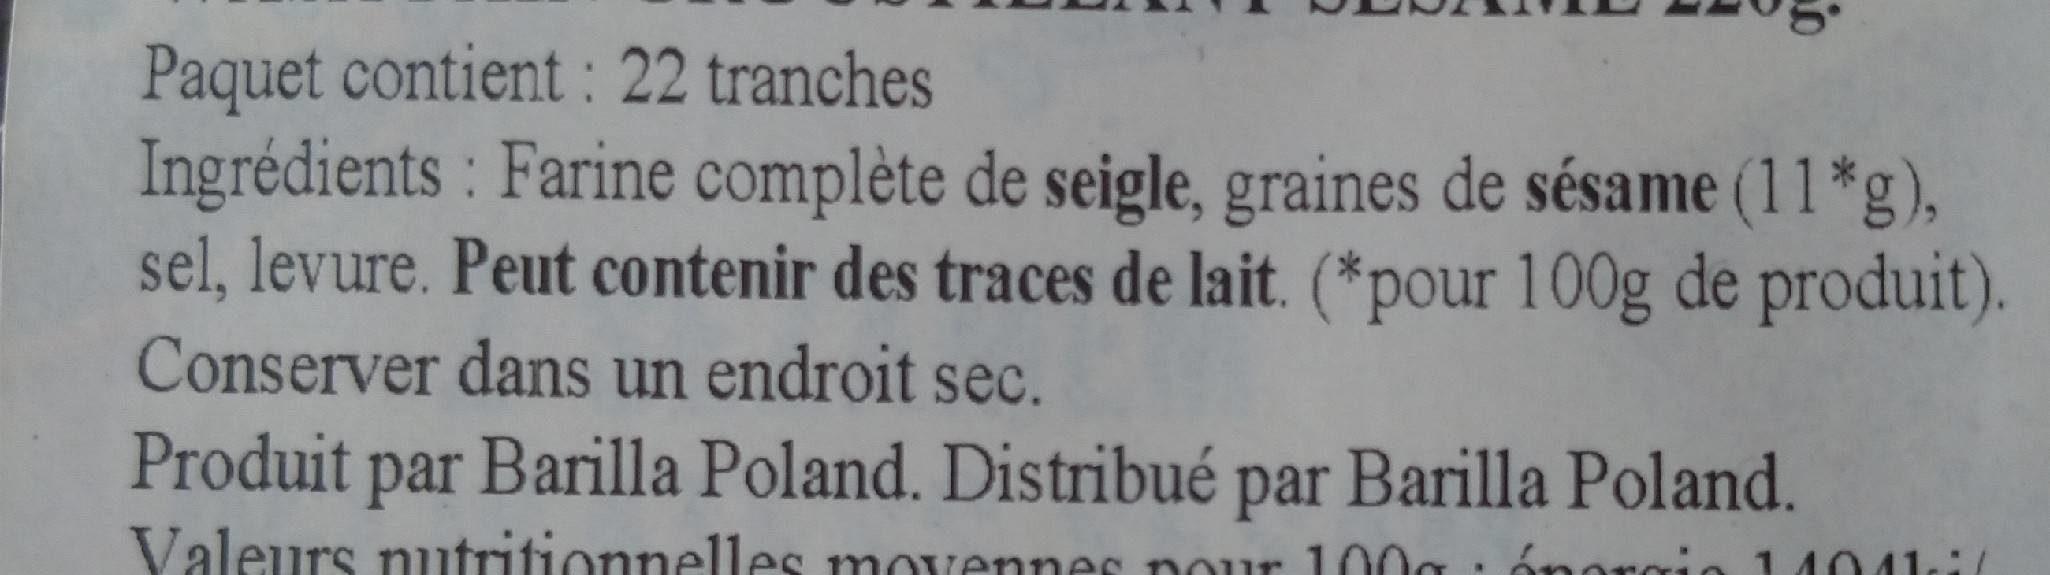 Croustillant sésame - Ingrédients